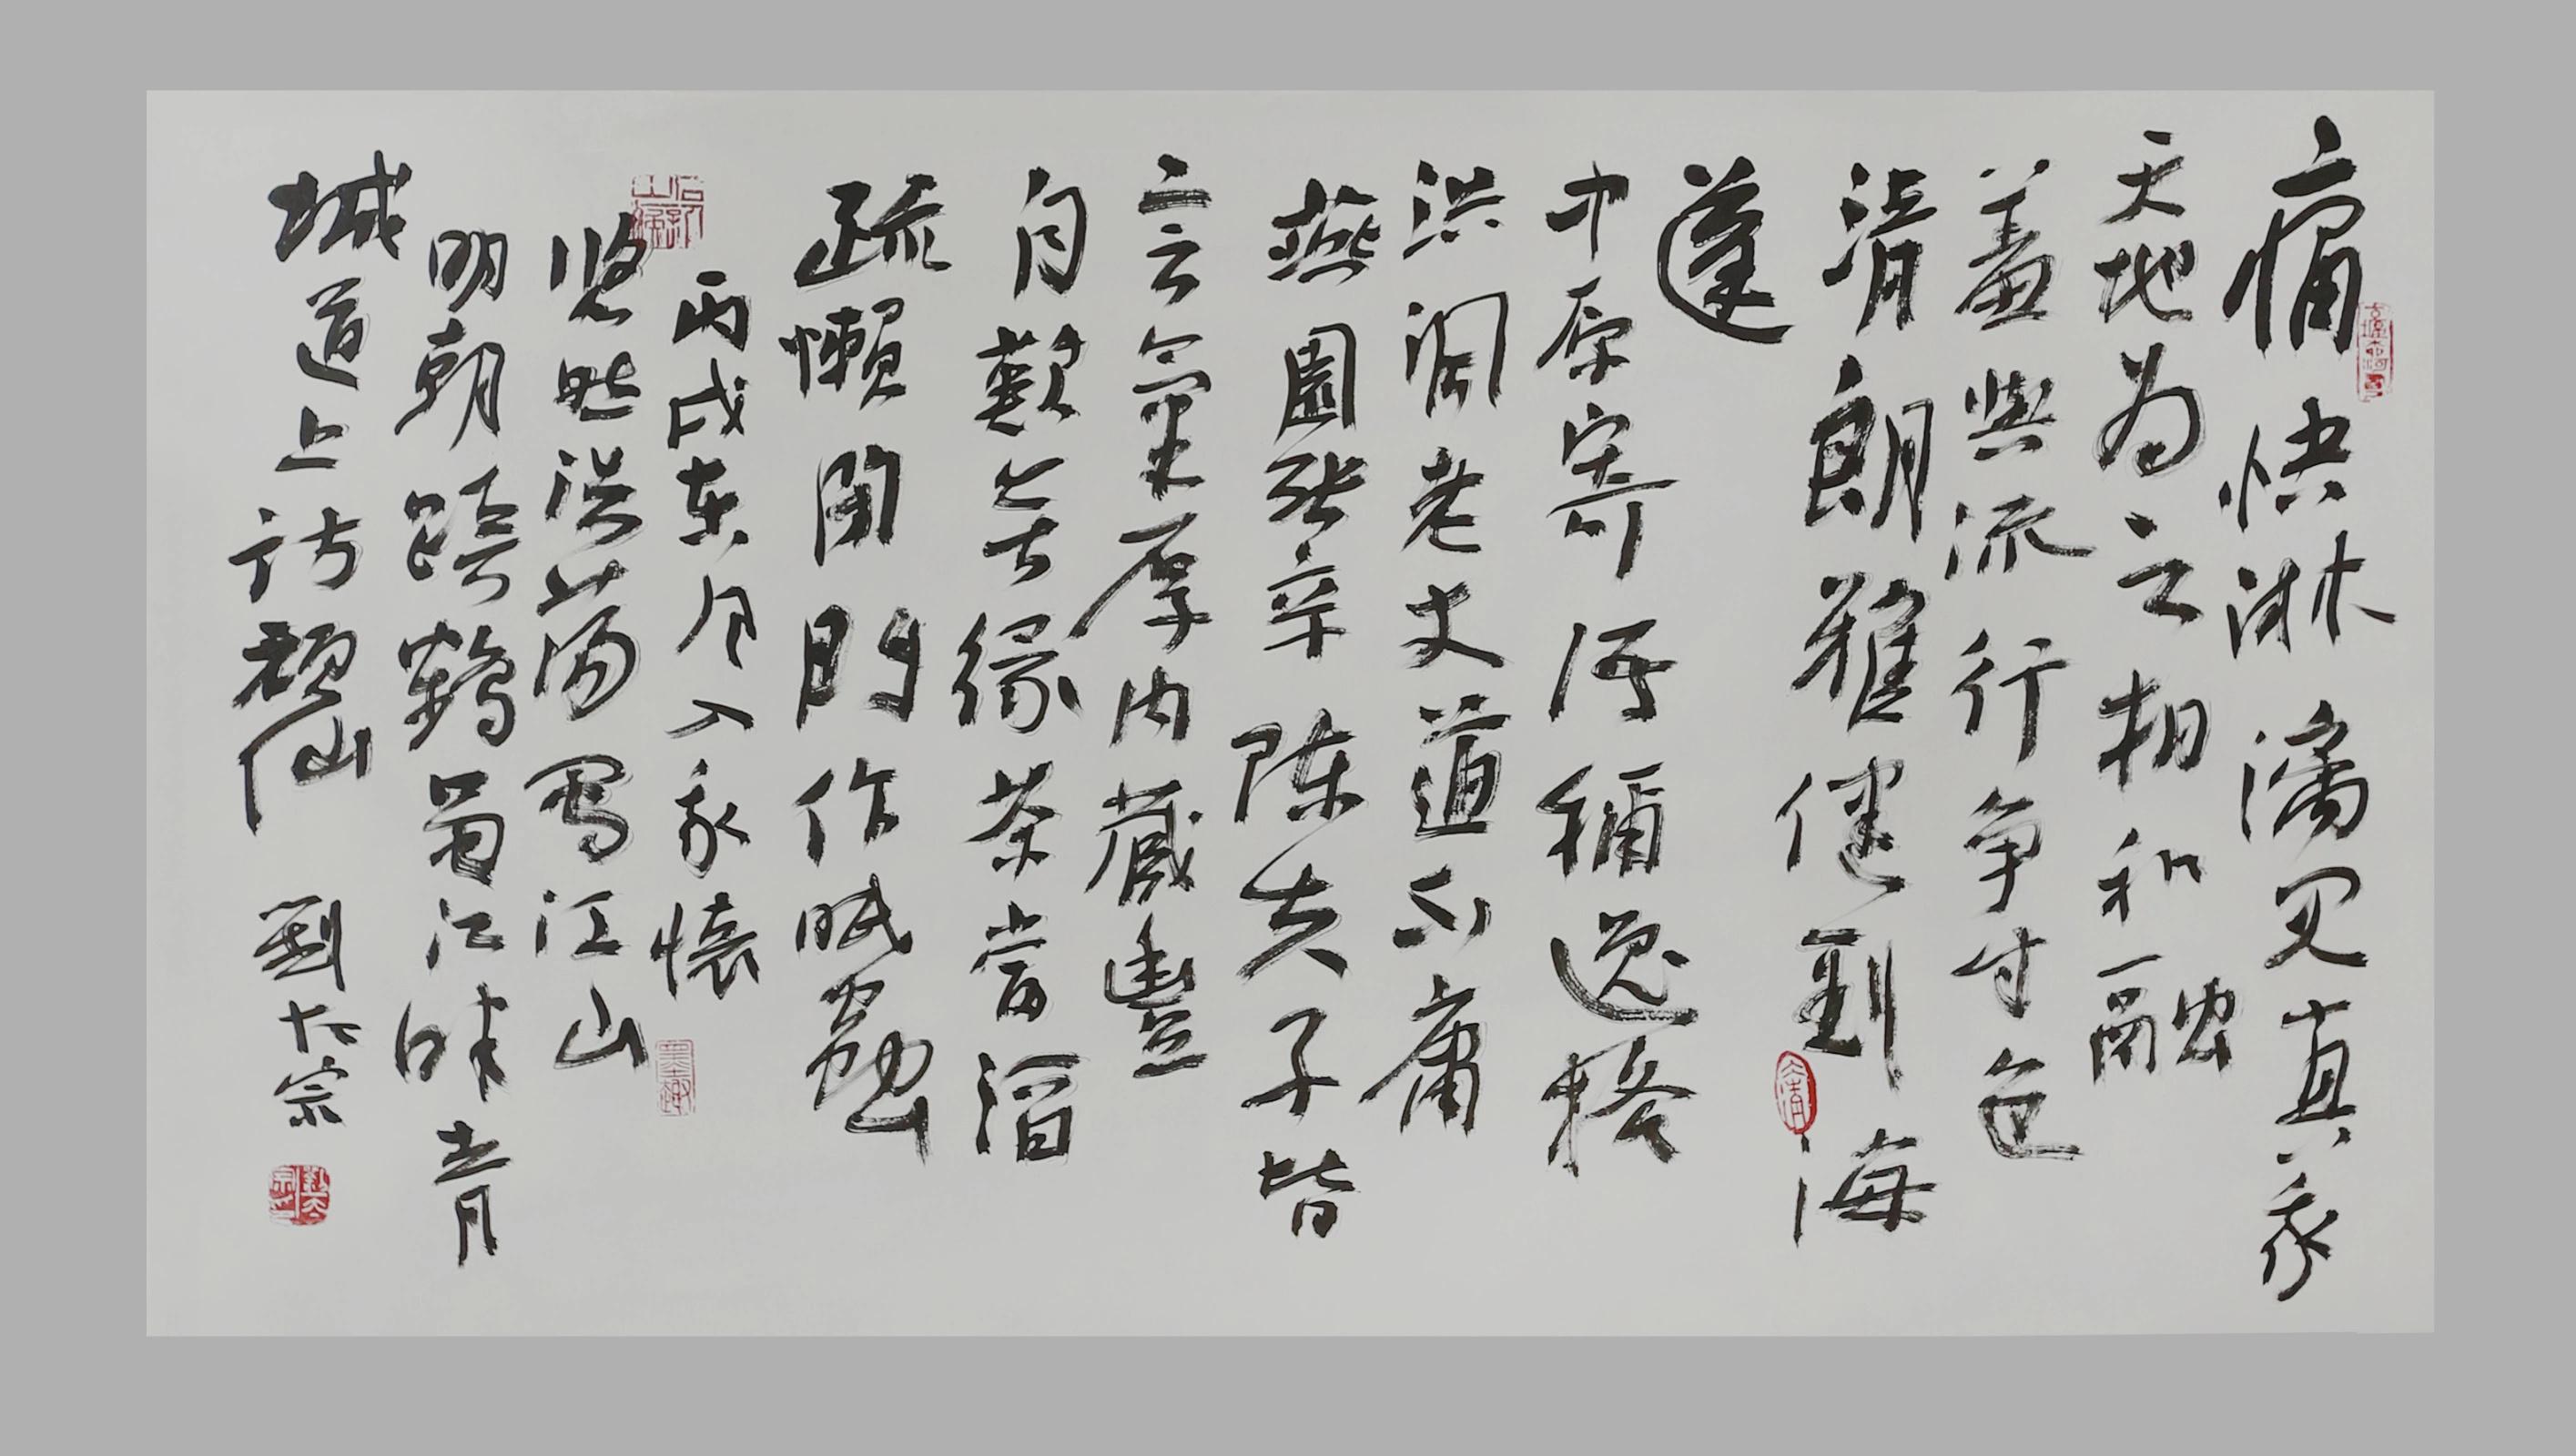 在汉字的历时性与共时性上延异,拓展即打破秩序然后再创造更为合理的图片